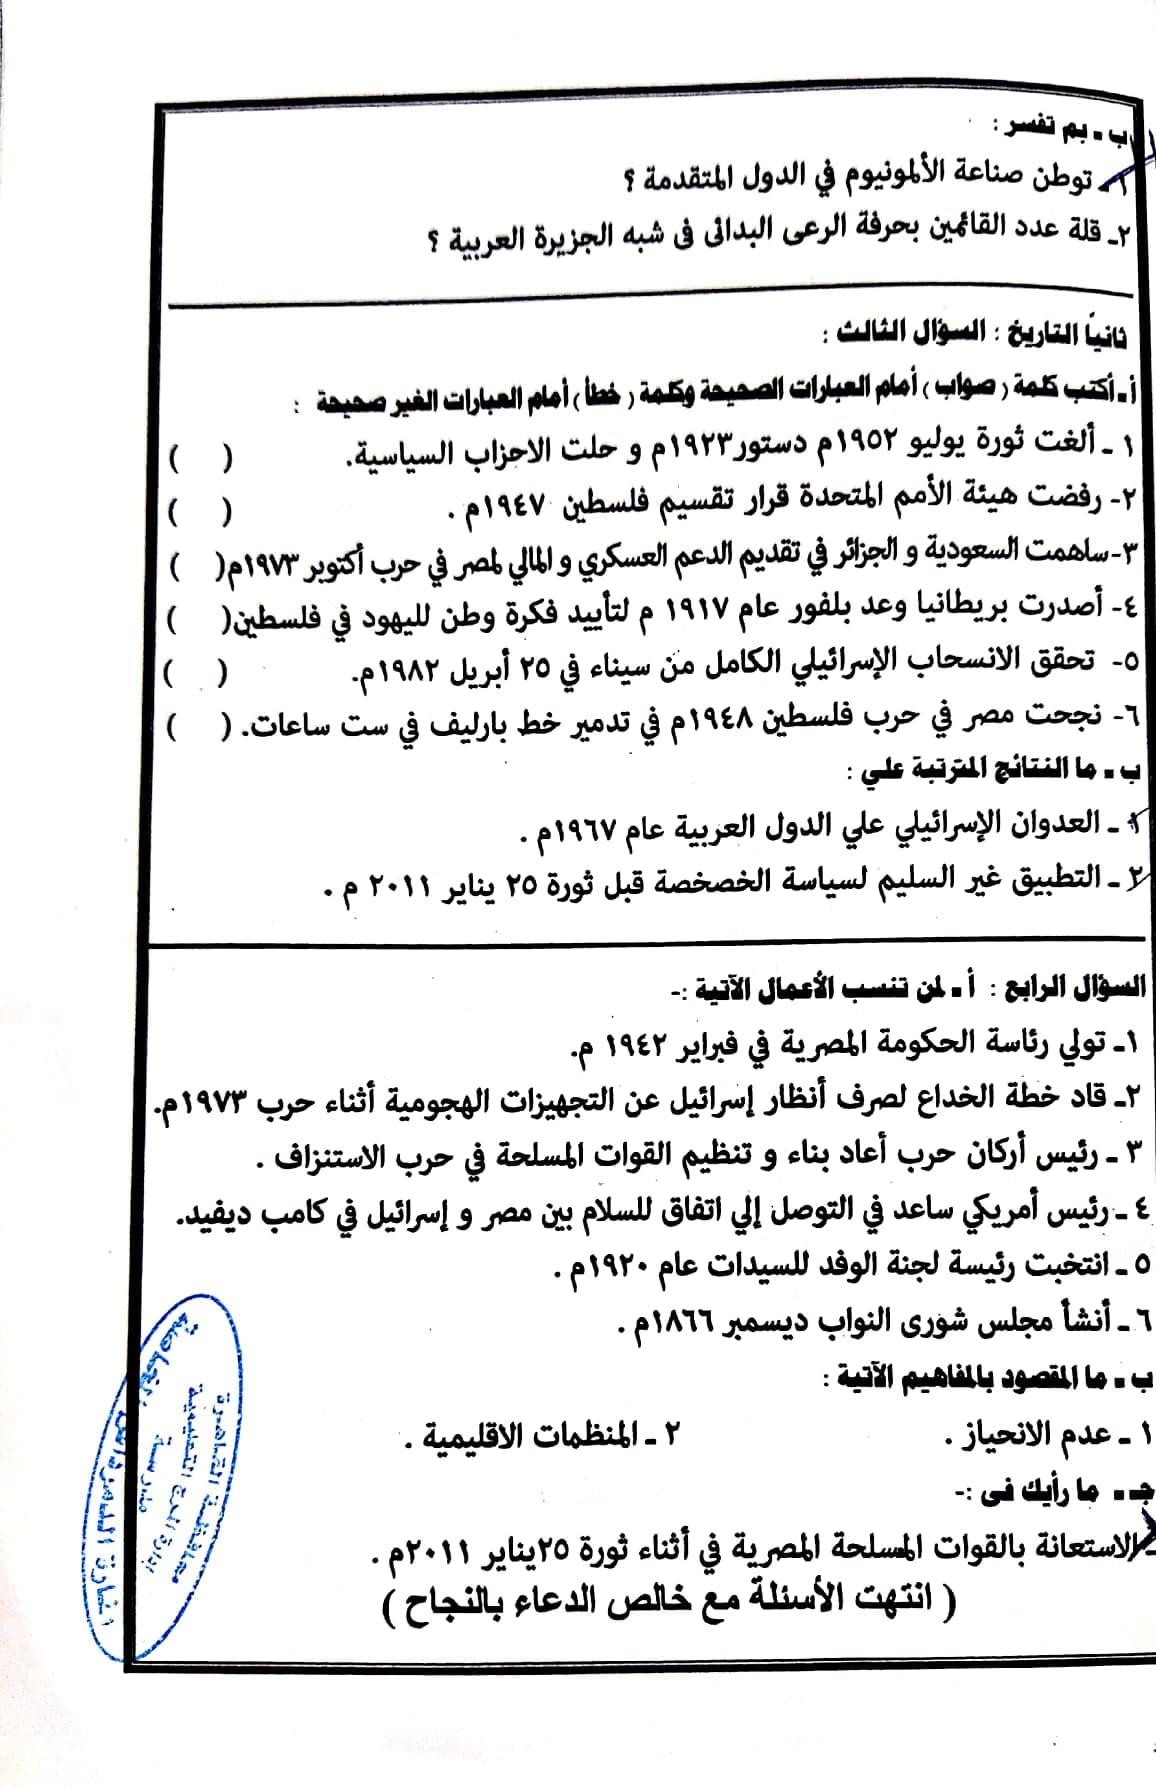 امتحان الدراسات الاجتماعية محافظة القاهرة للصف الثالث الاعدادى ترم ثانى 2021